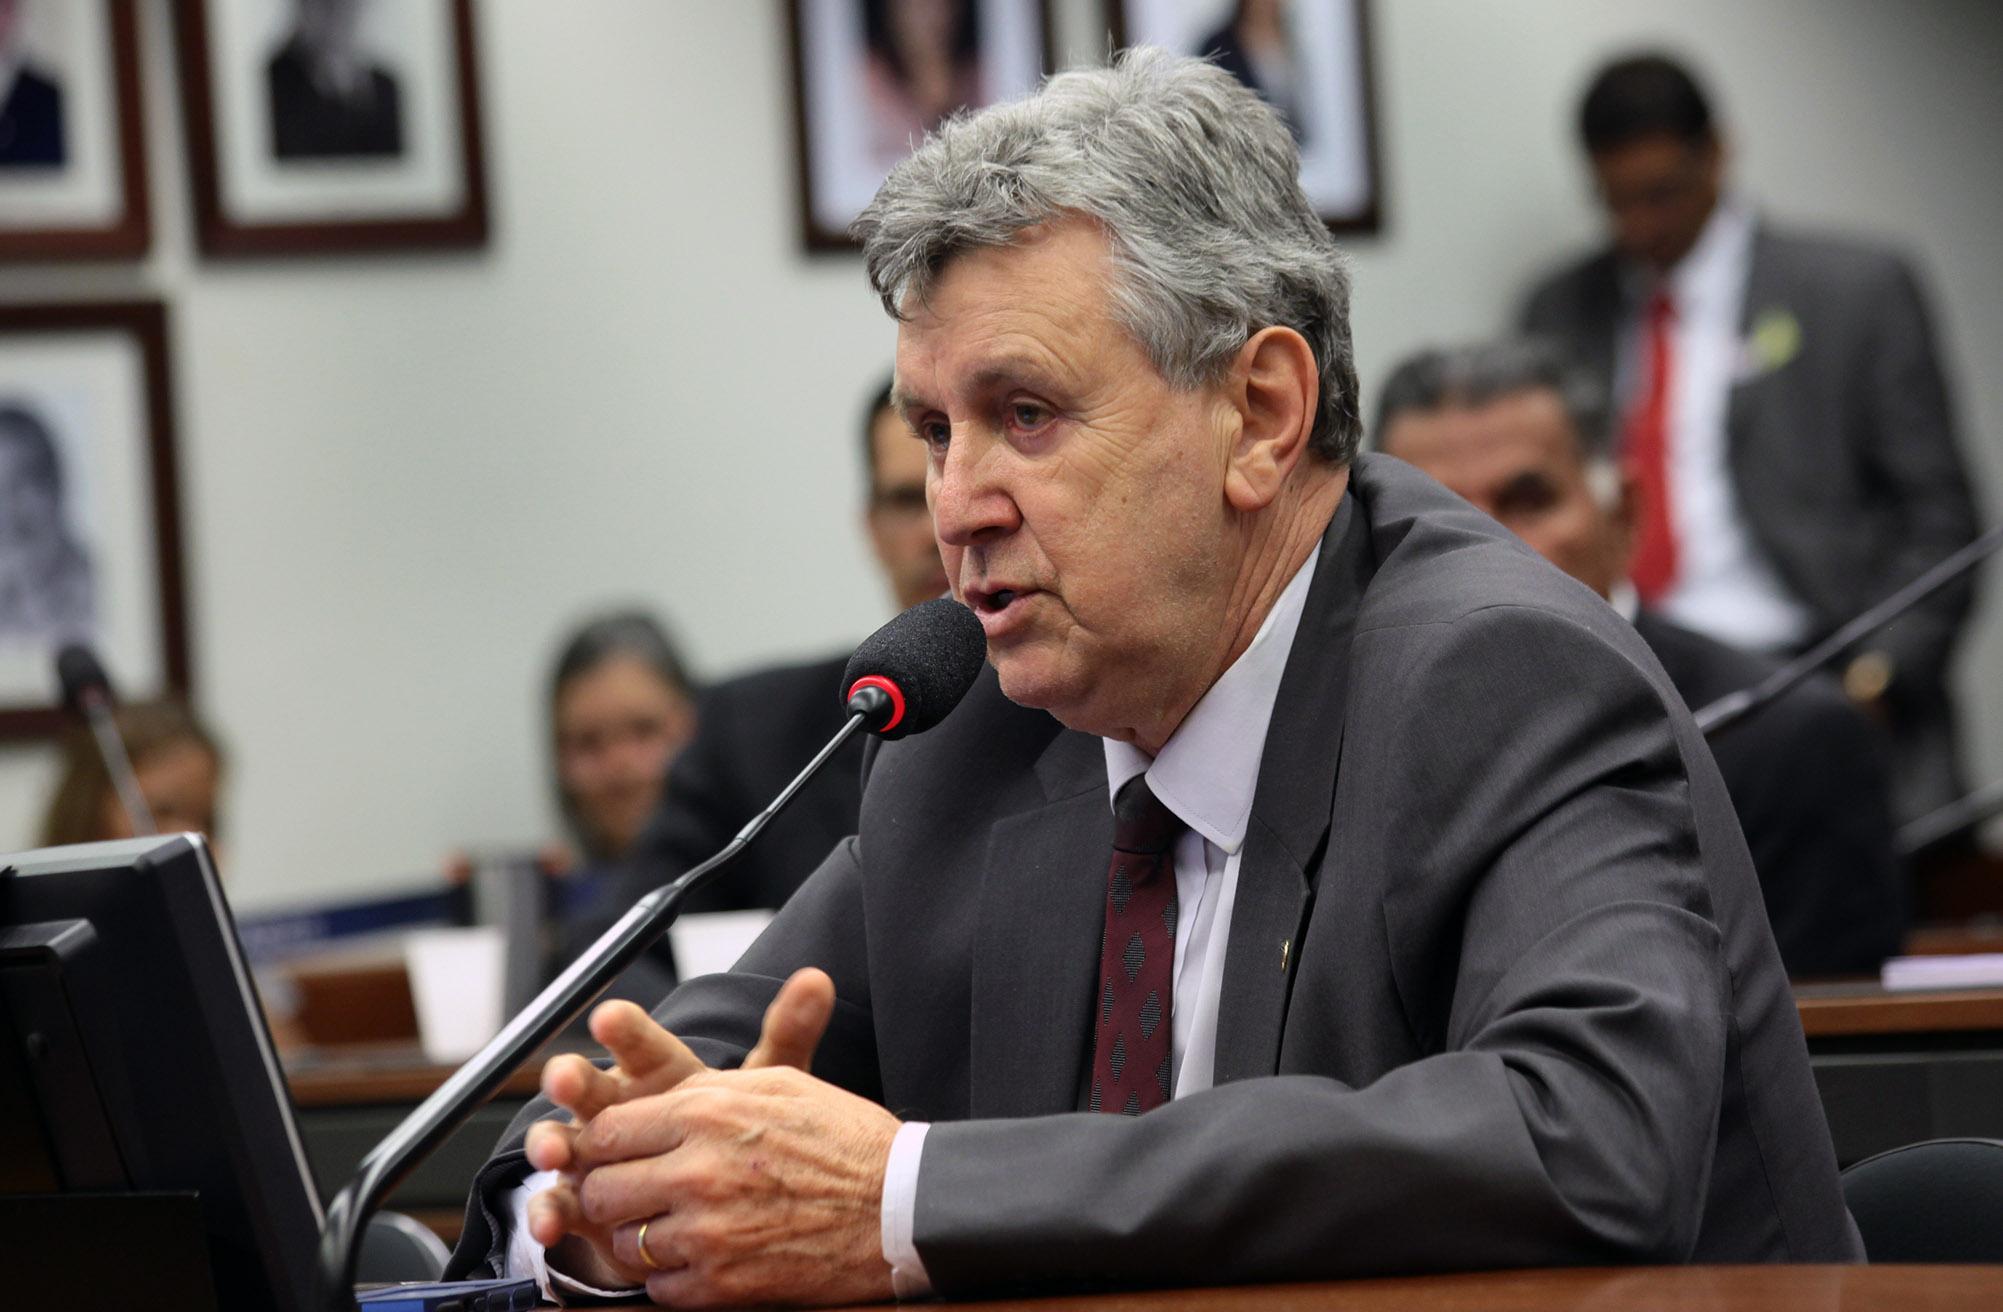 Senador Luis Carlos Heinze confirma que partido articula sua candidatura ao Governo do RS em 2022